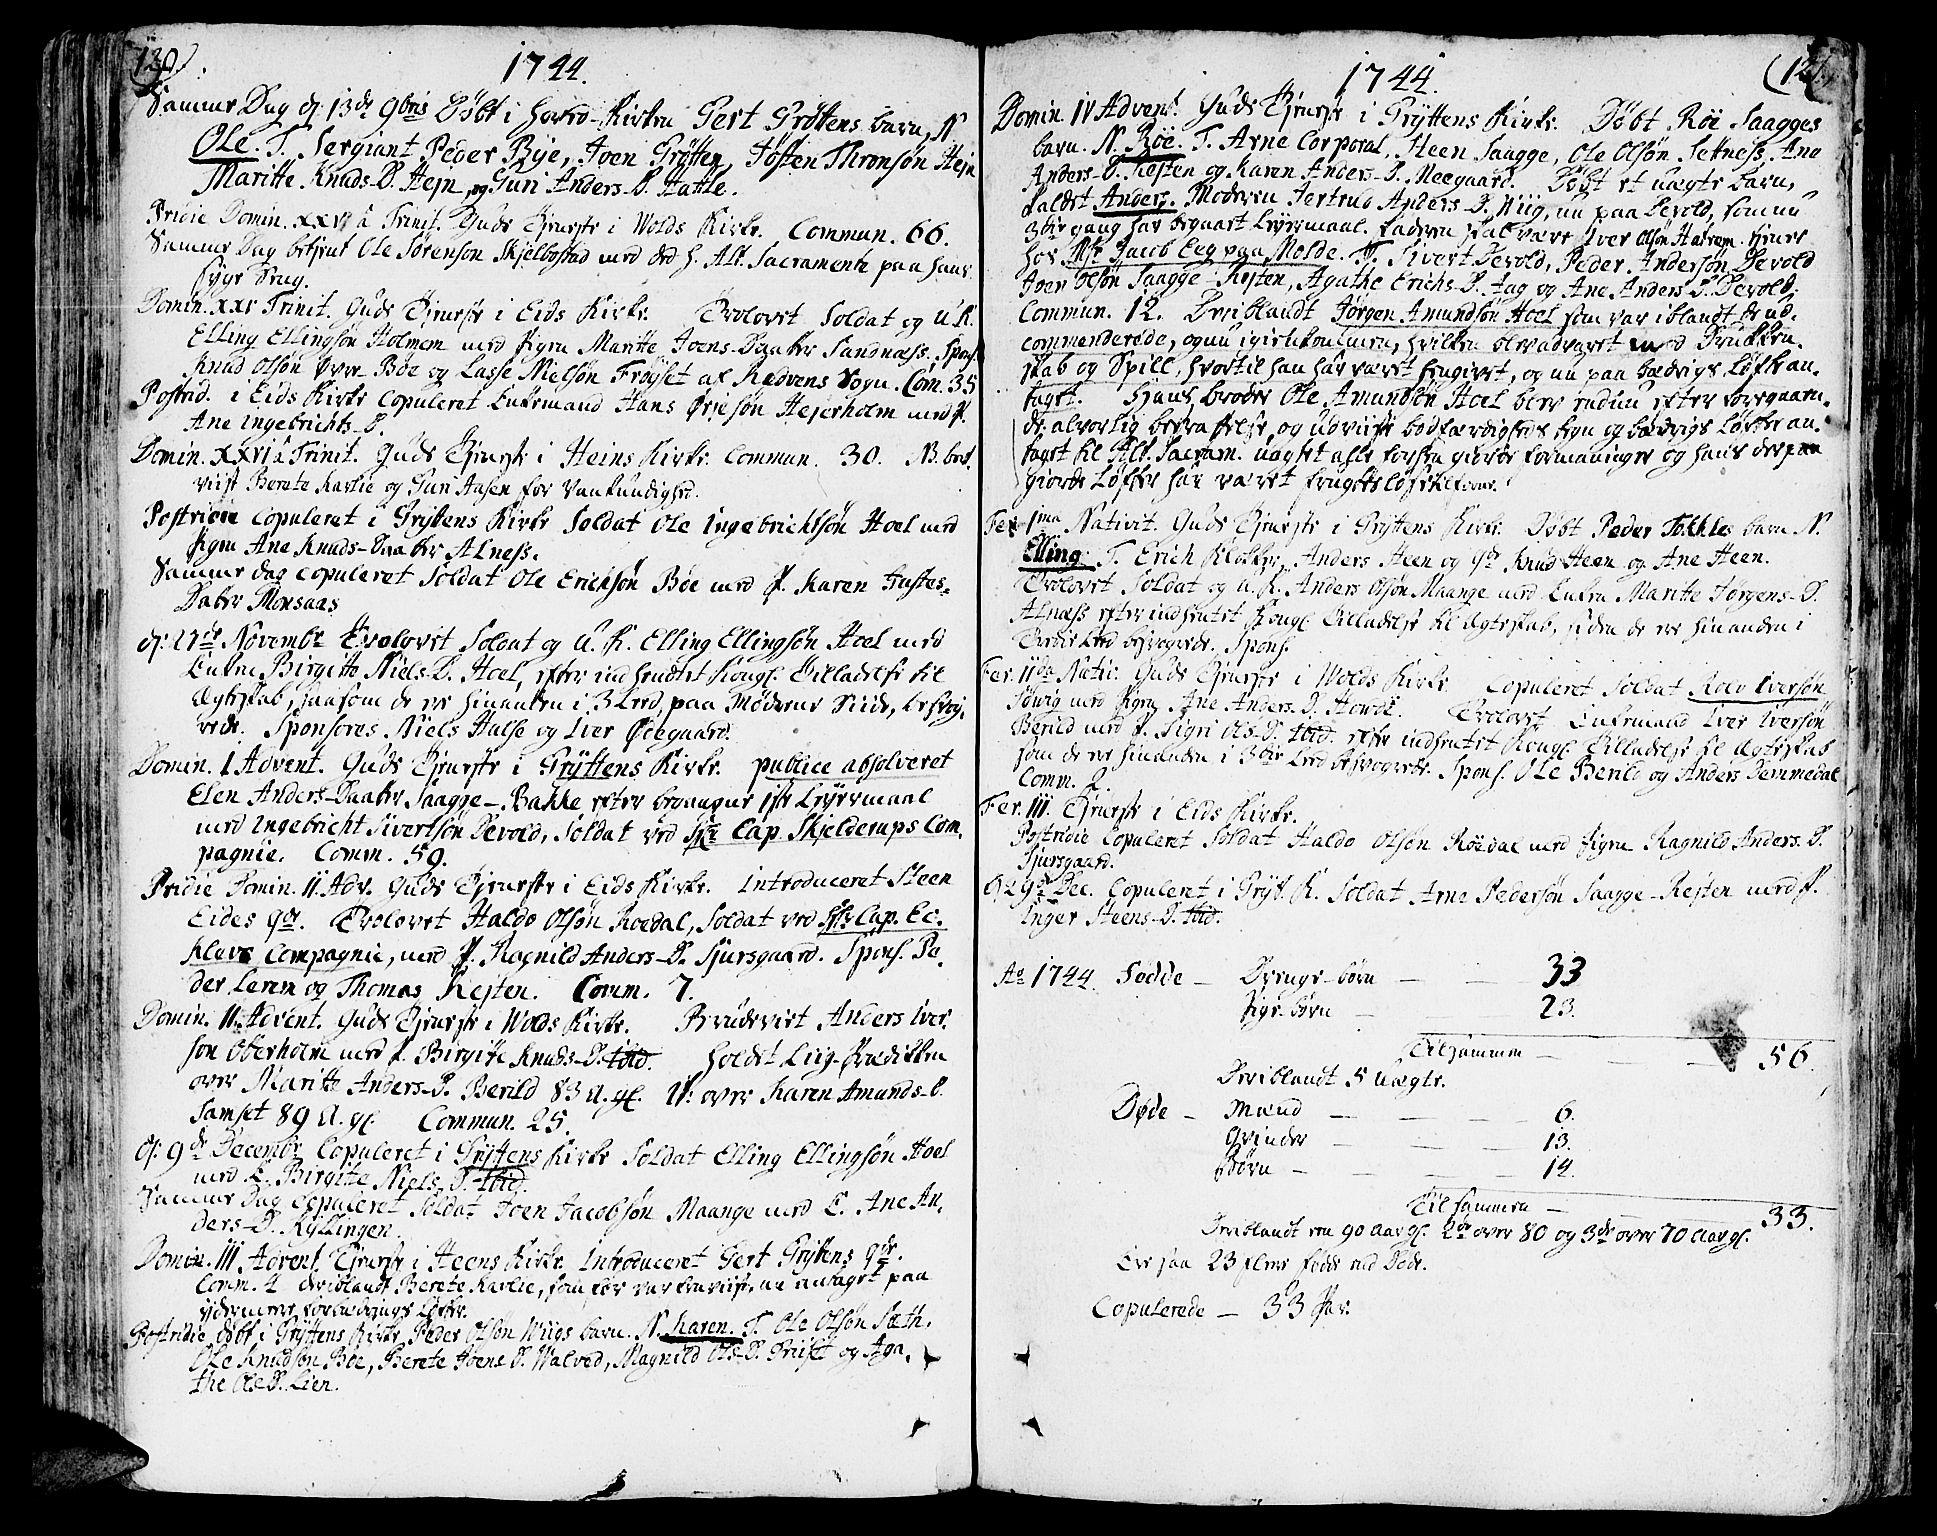 SAT, Ministerialprotokoller, klokkerbøker og fødselsregistre - Møre og Romsdal, 544/L0568: Parish register (official) no. 544A01, 1725-1763, p. 120-121